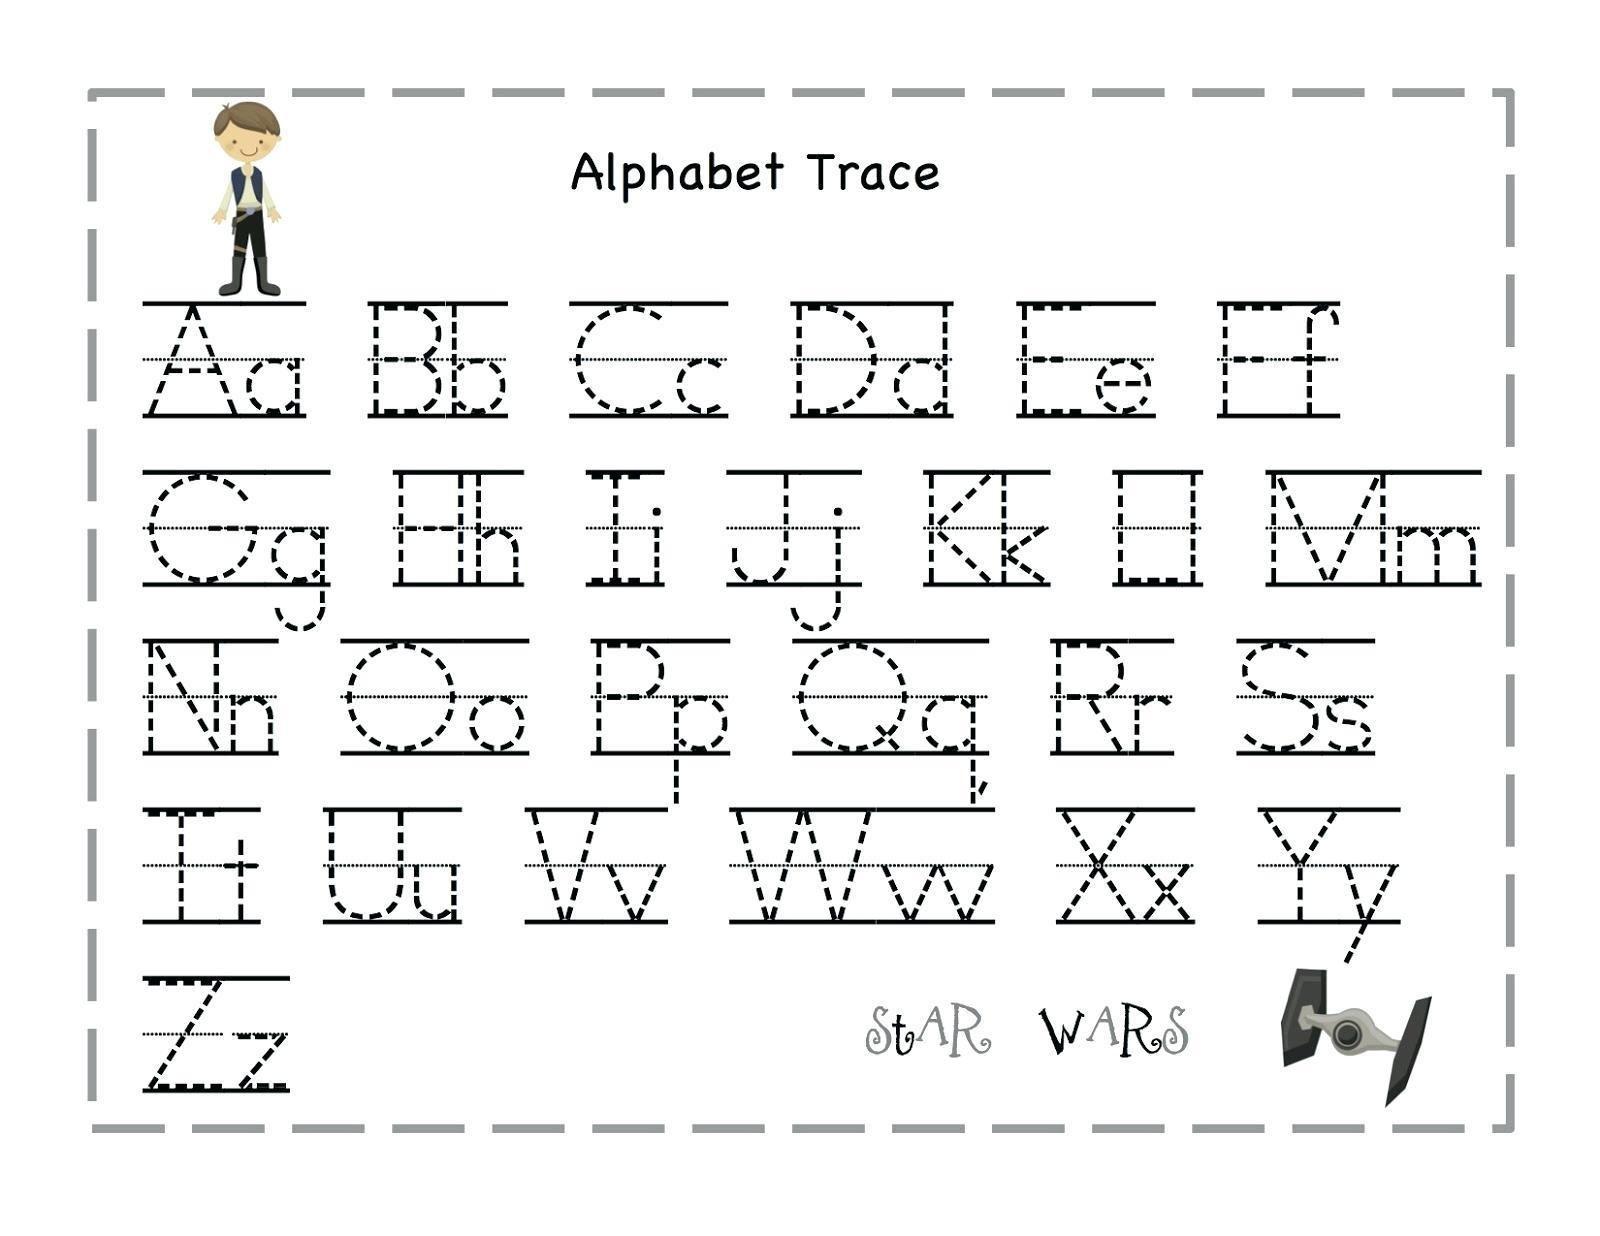 10 Traceable Letter Worksheets Free Obuchenie Anglijskomu Obuchenie [ 1236 x 1600 Pixel ]